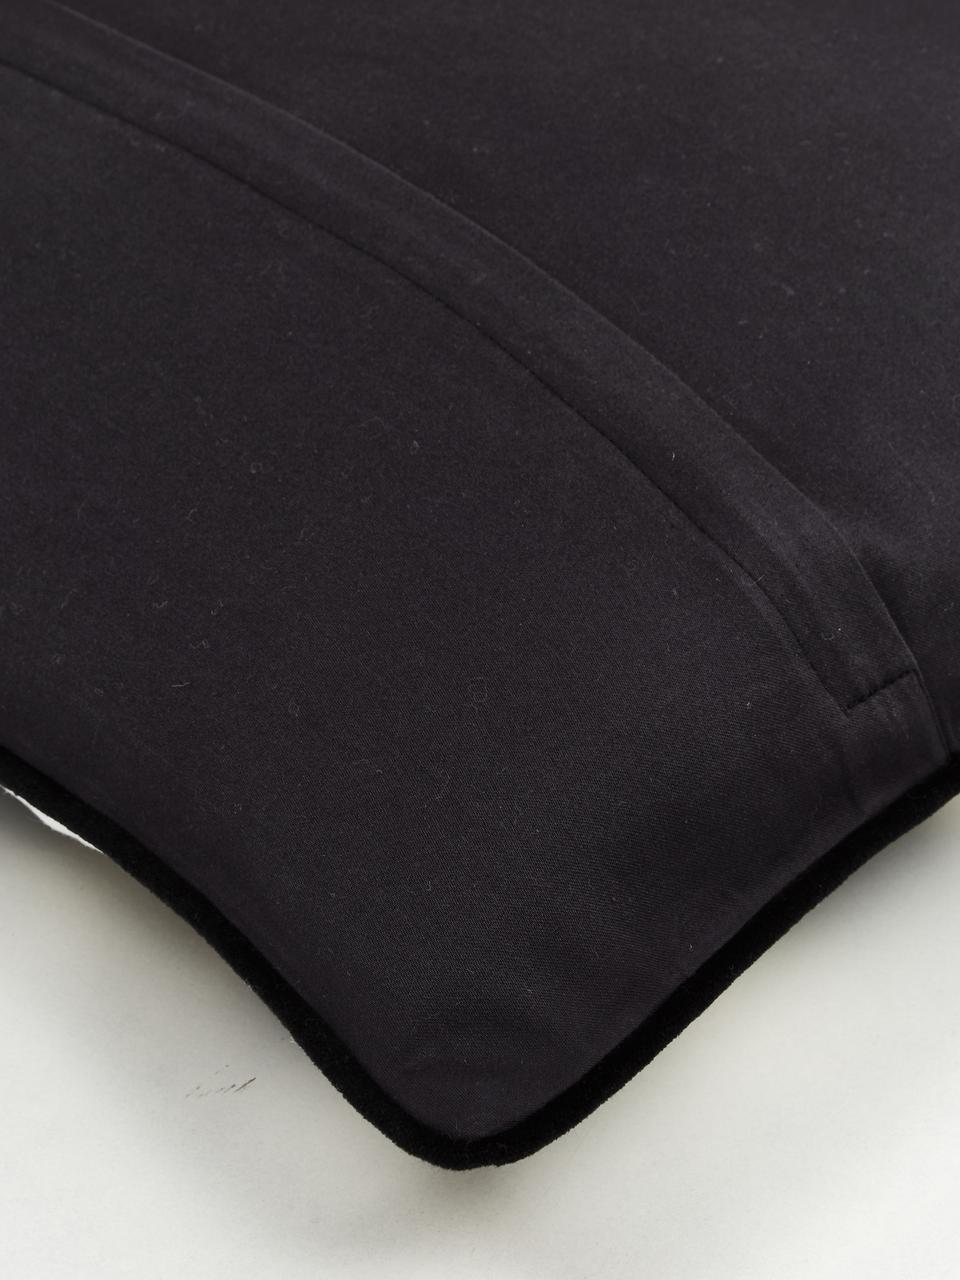 Kussenhoes met patroon Geo met zwarte bies, 100% katoen, Crèmewit, taupe, goudkleurig, 45 x 45 cm